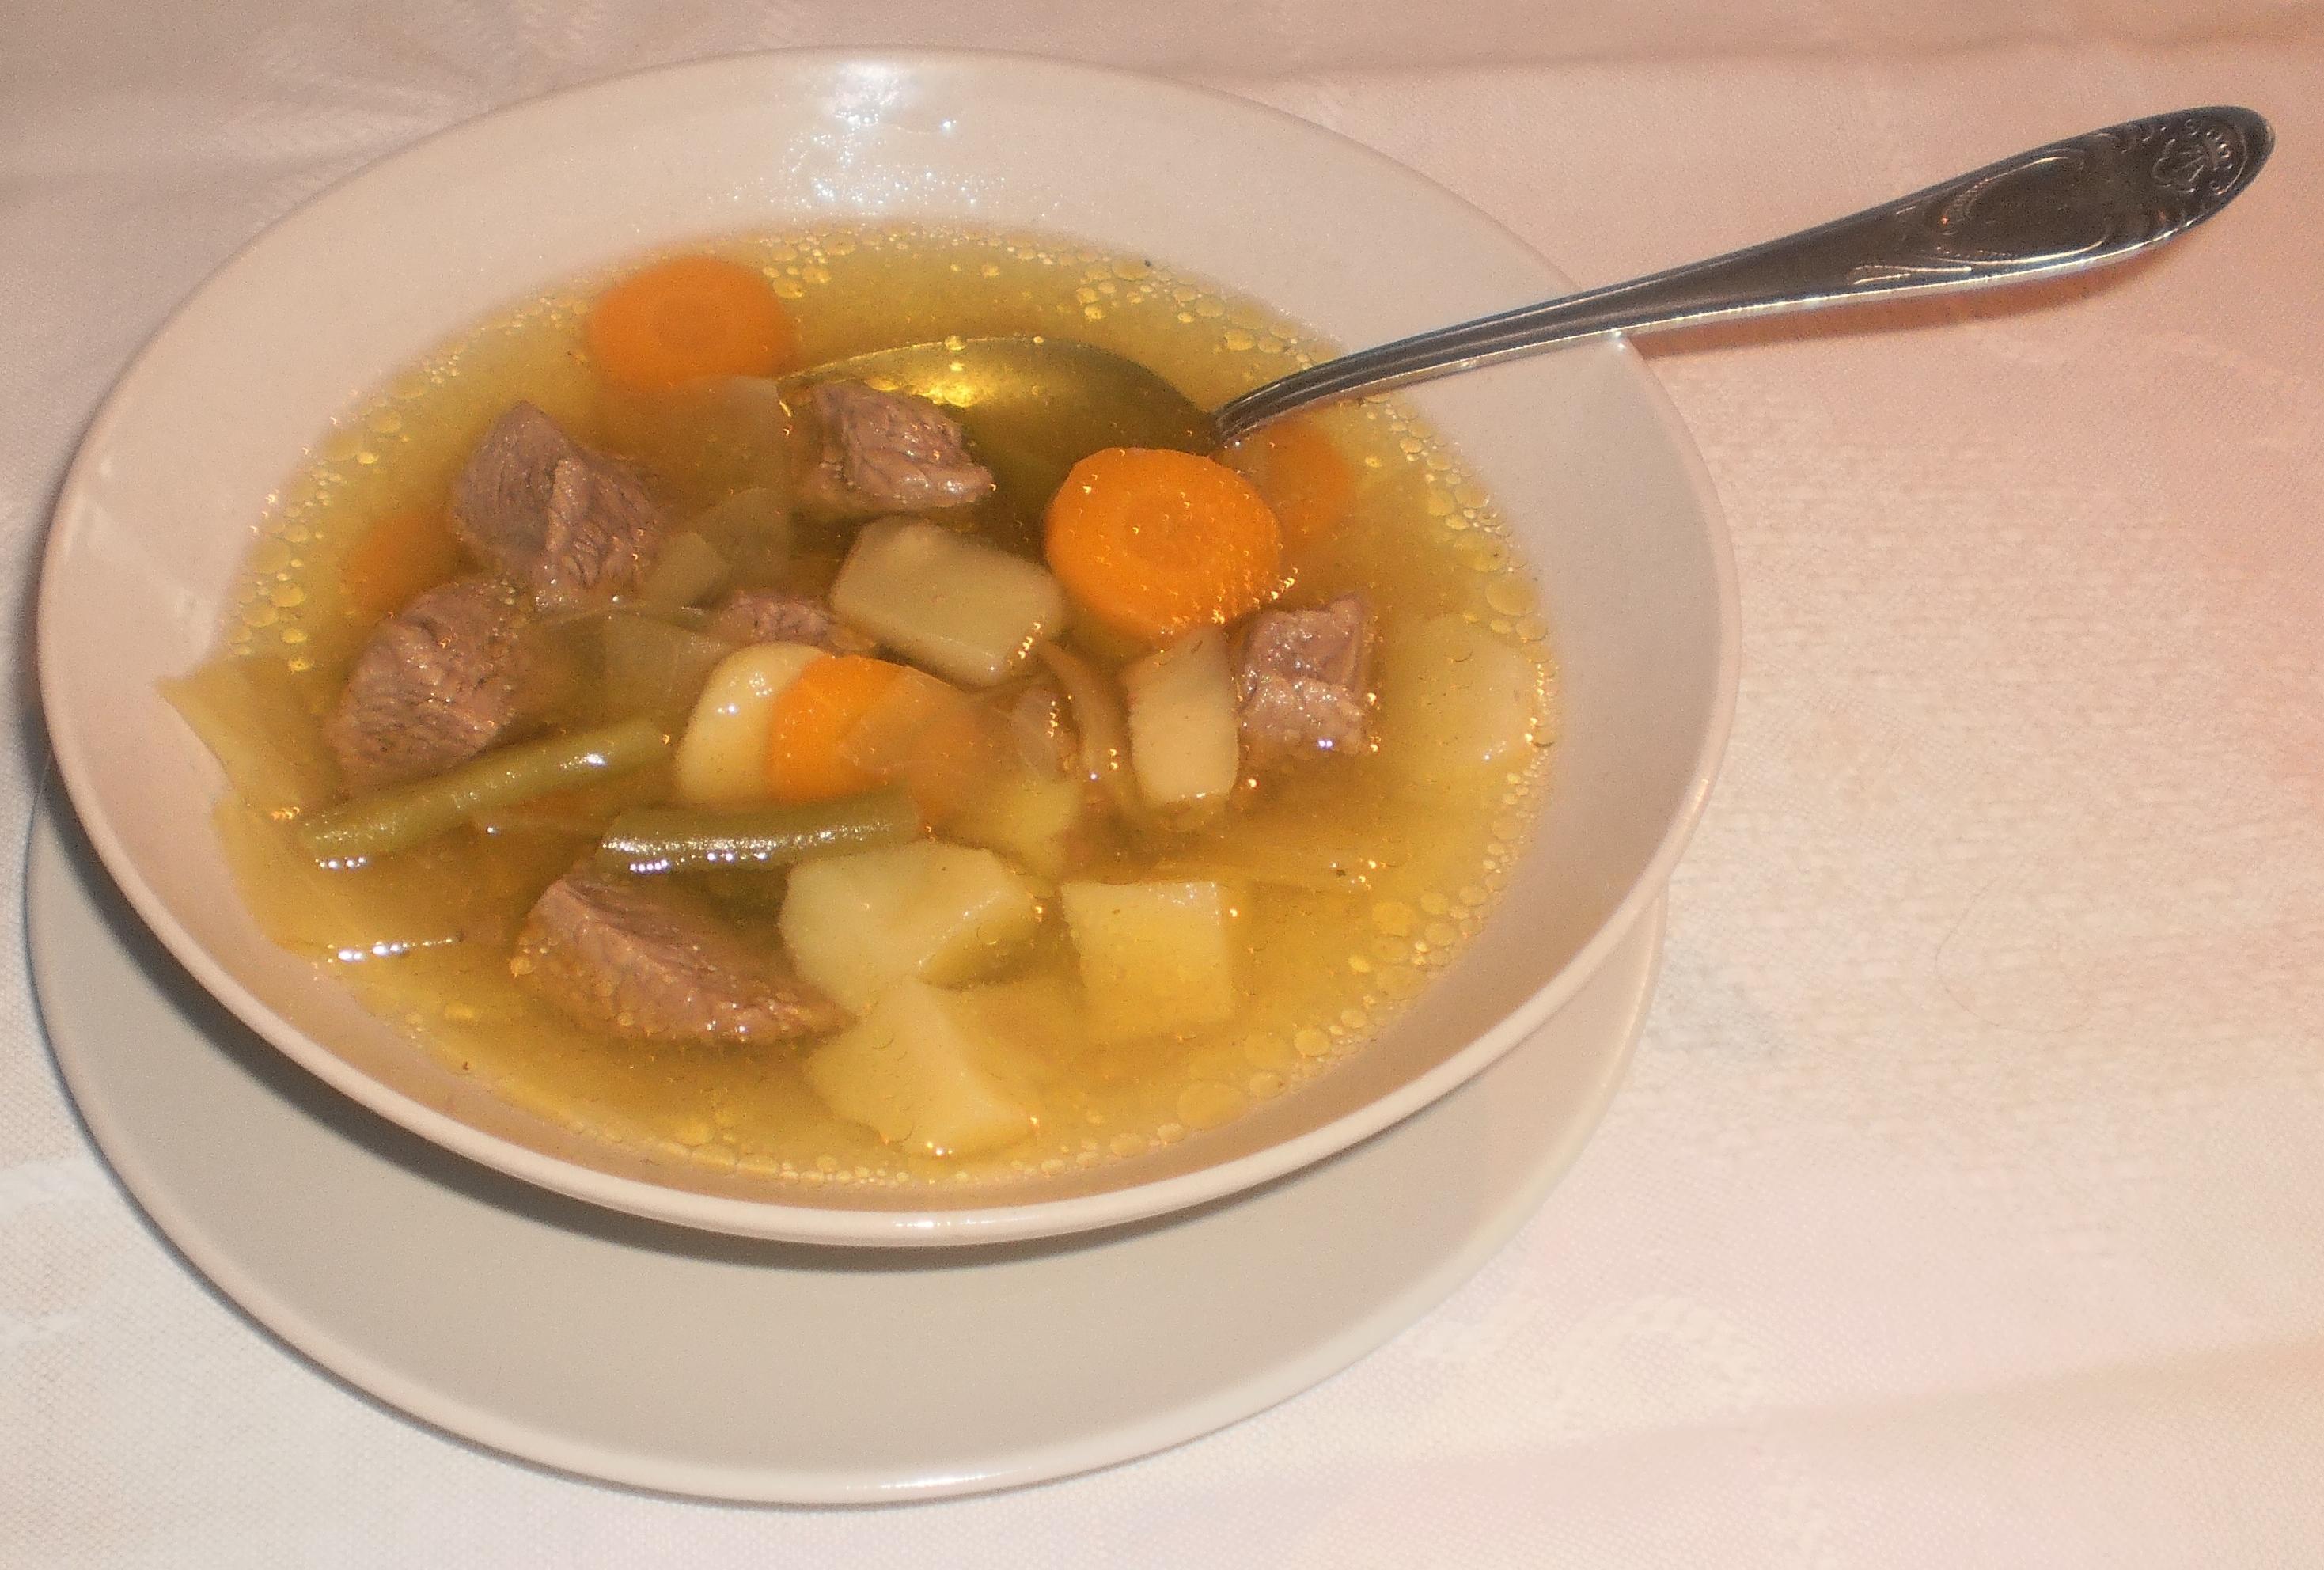 grönsakssoppa med kött